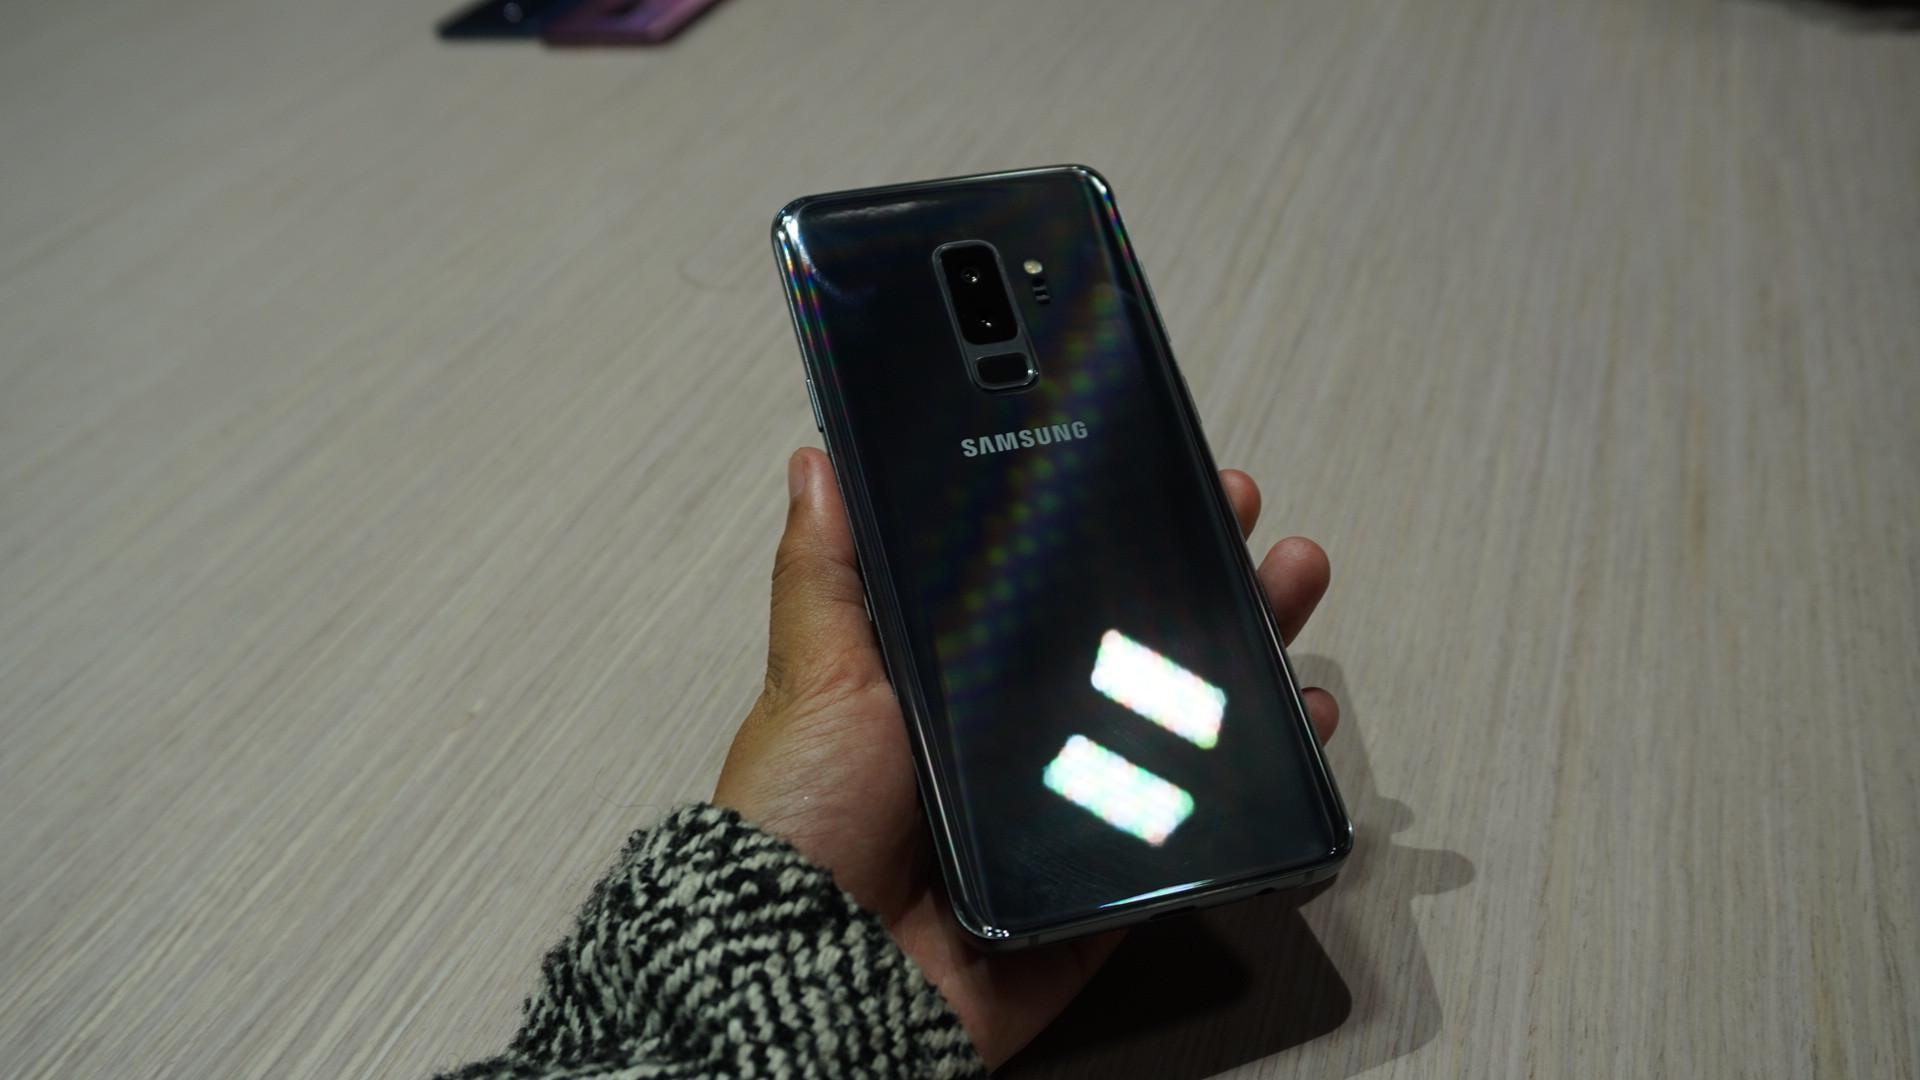 Samsung Galaxy S9 Plus (Liputan6.com/ Agustin Setyo W)